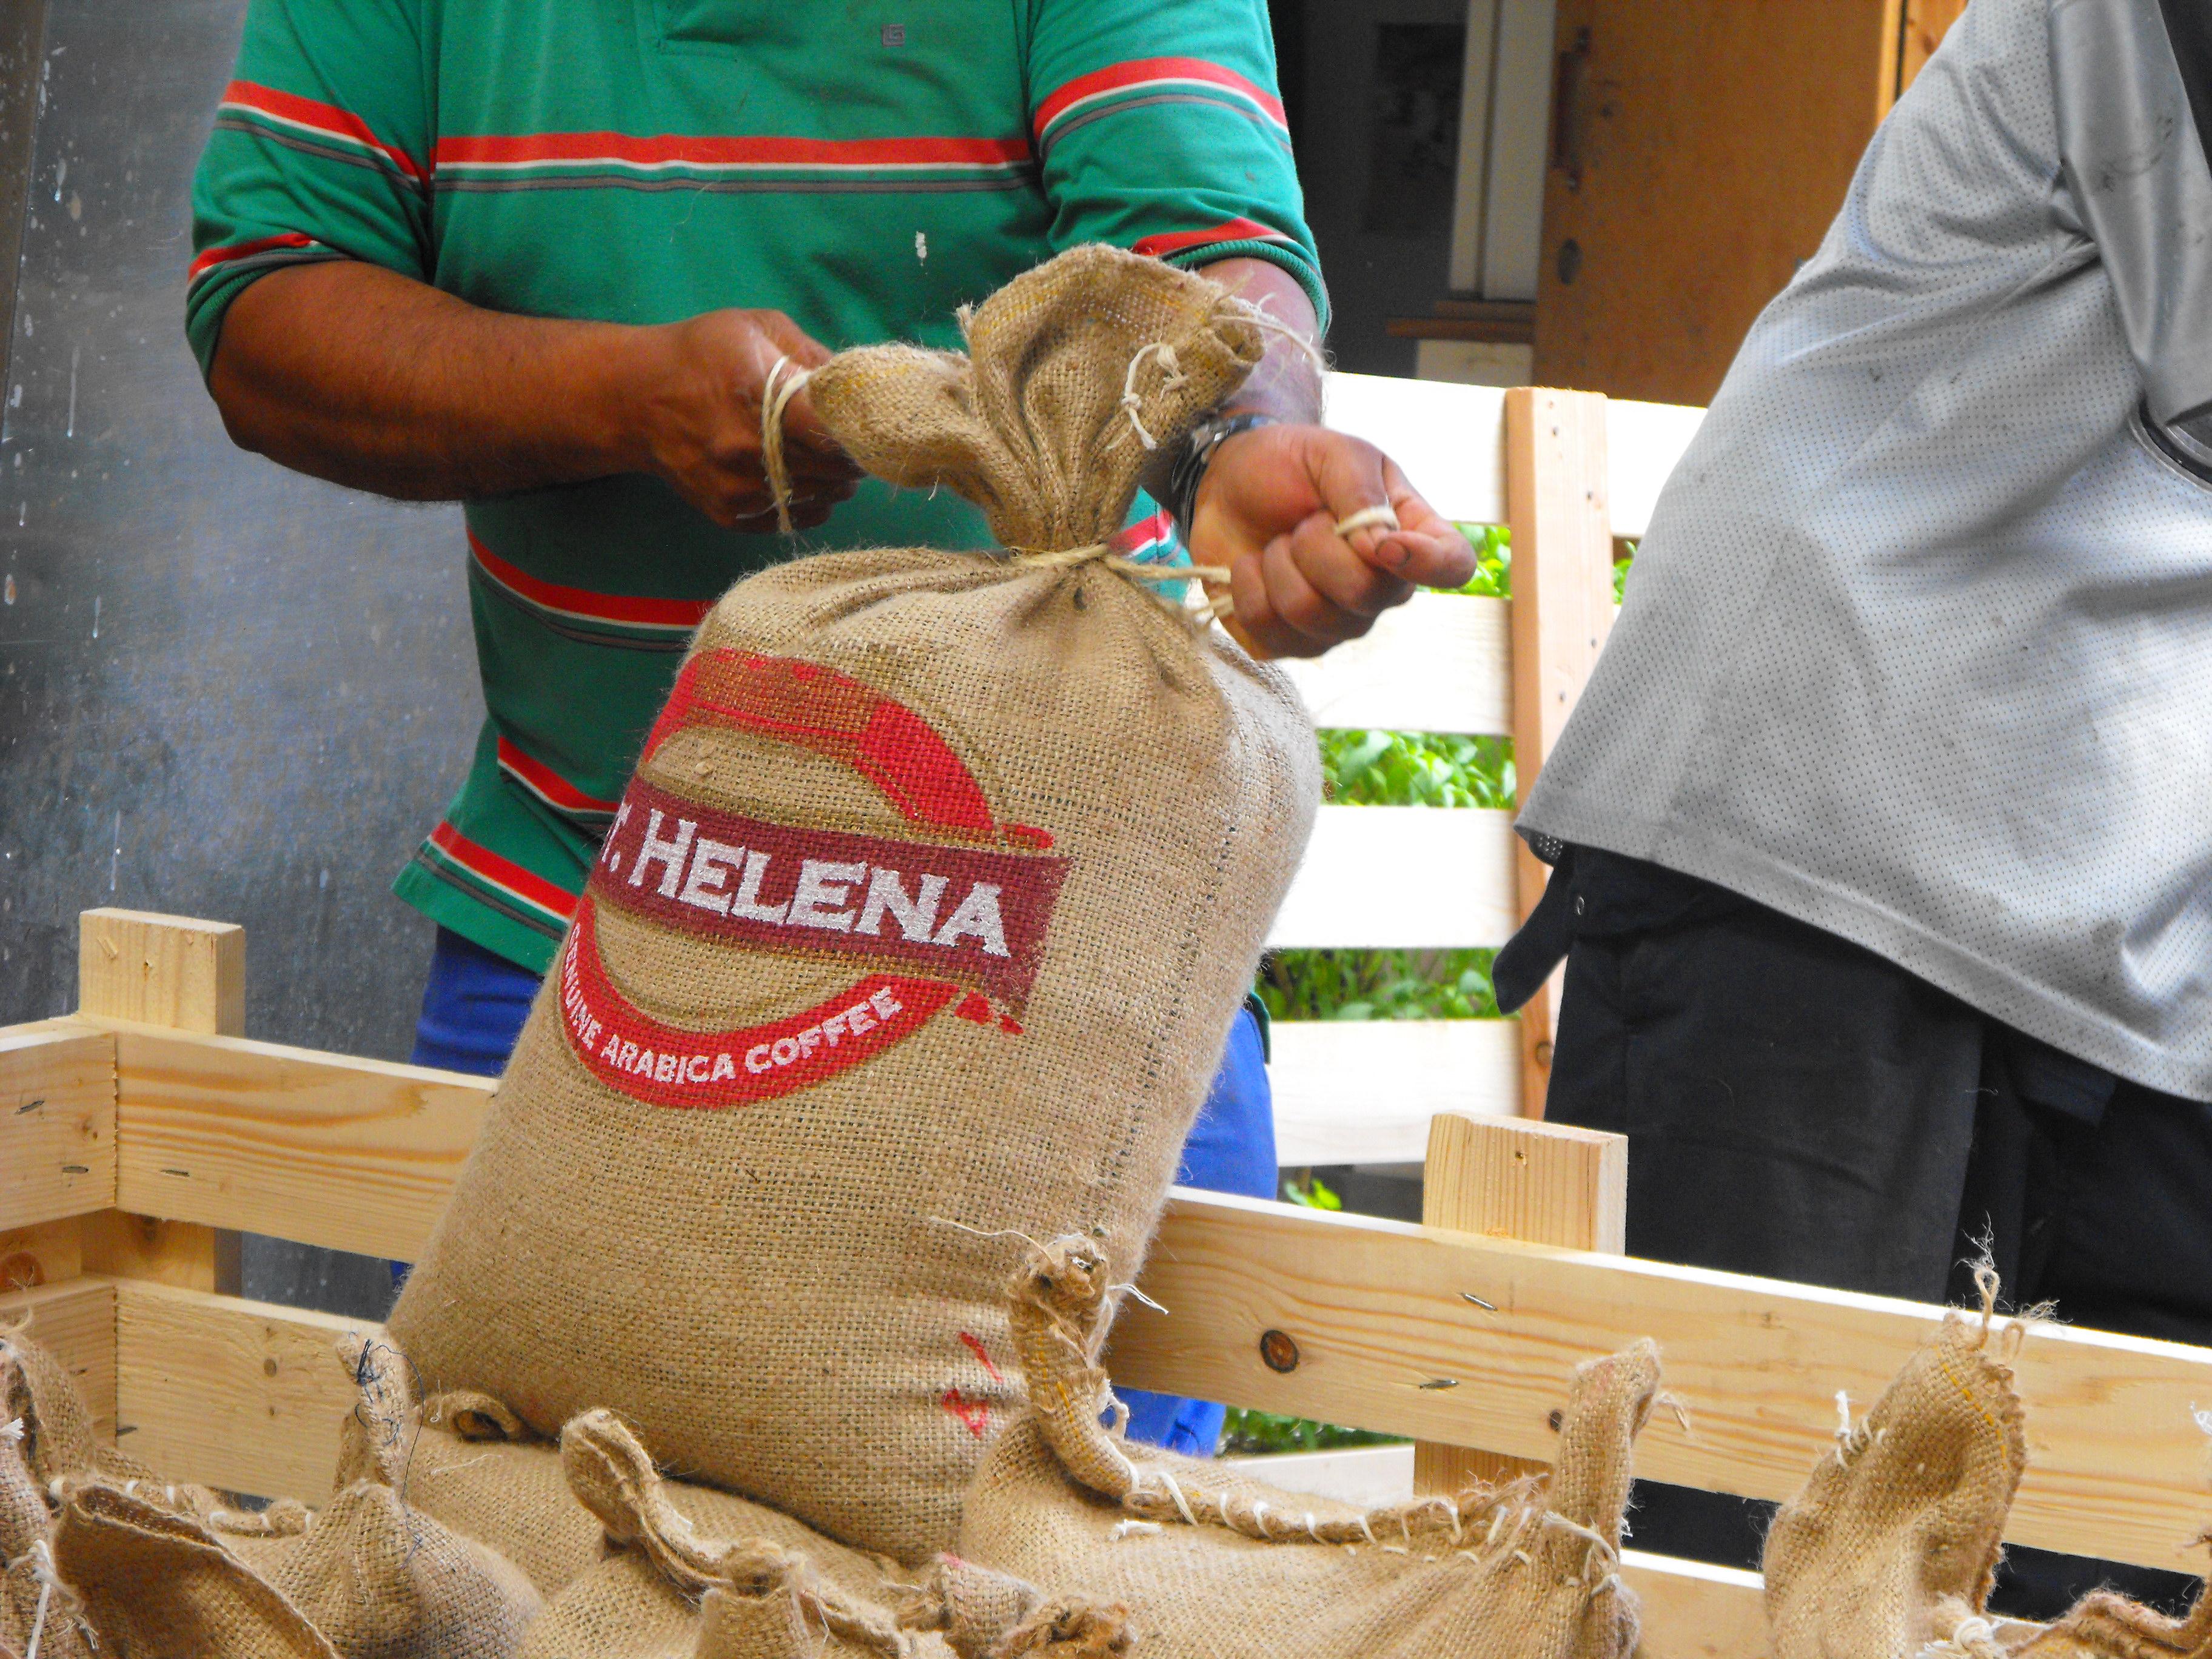 St Helena Coffee Company S Island